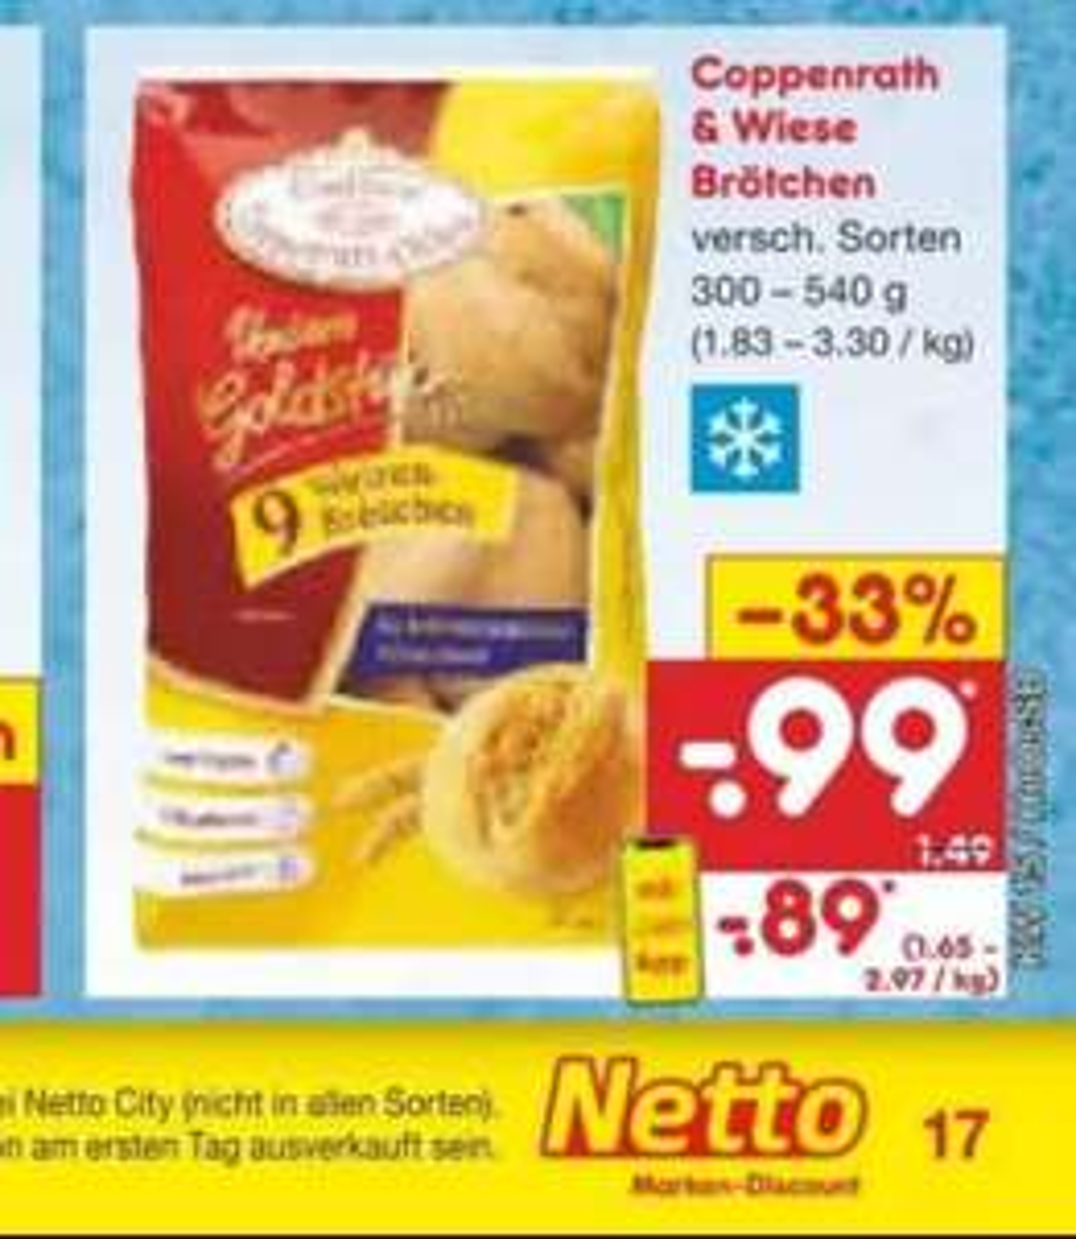 Coppenrath & Wiese Brötchen versch. Sorten für 0,89€ mit Netto-App bei Netto ohne Hund